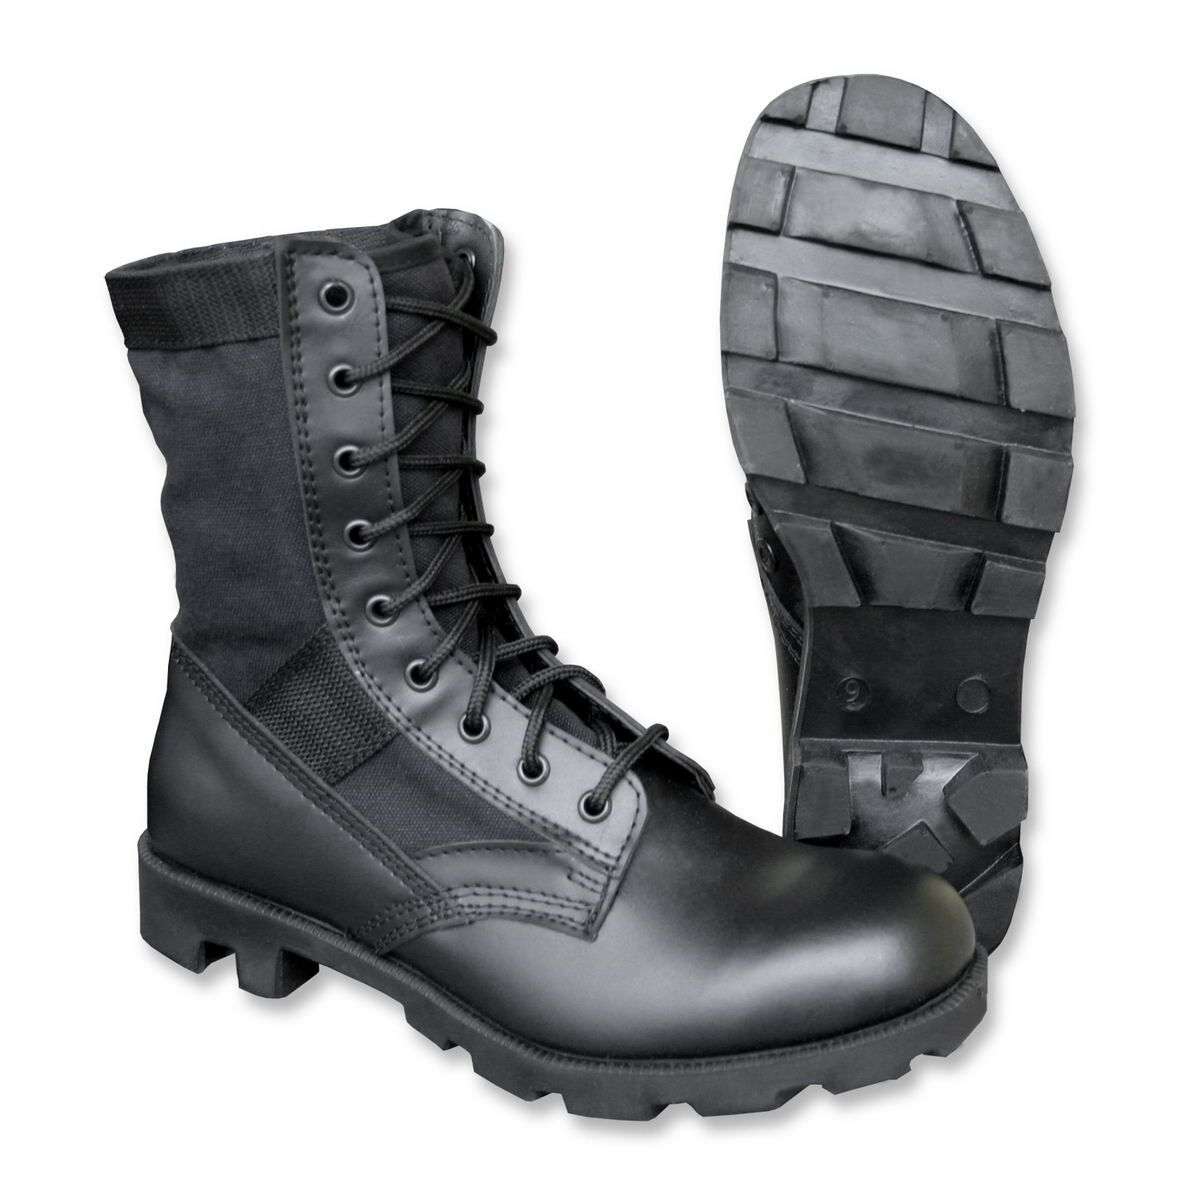 Mil-Tec - U.S. Jungle Boots Panama Combat Boots Jungle Boots Black